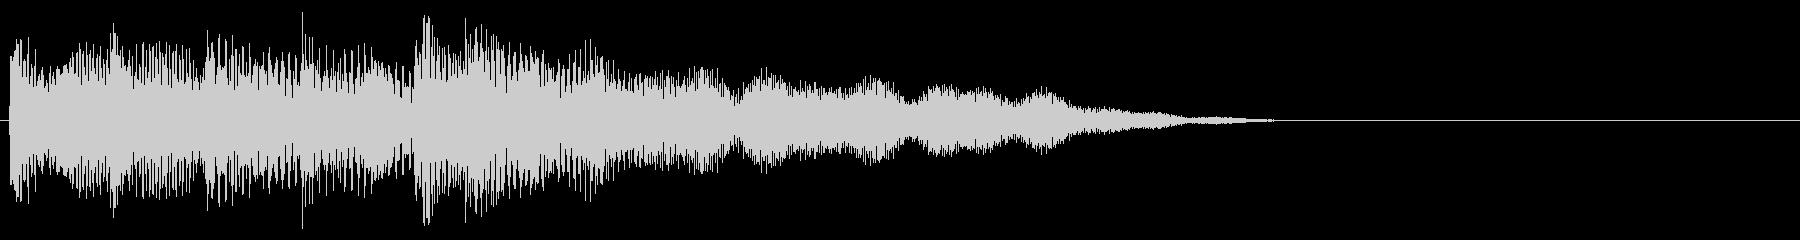 マレット系 ATМ風のフレーズ3(特)の未再生の波形